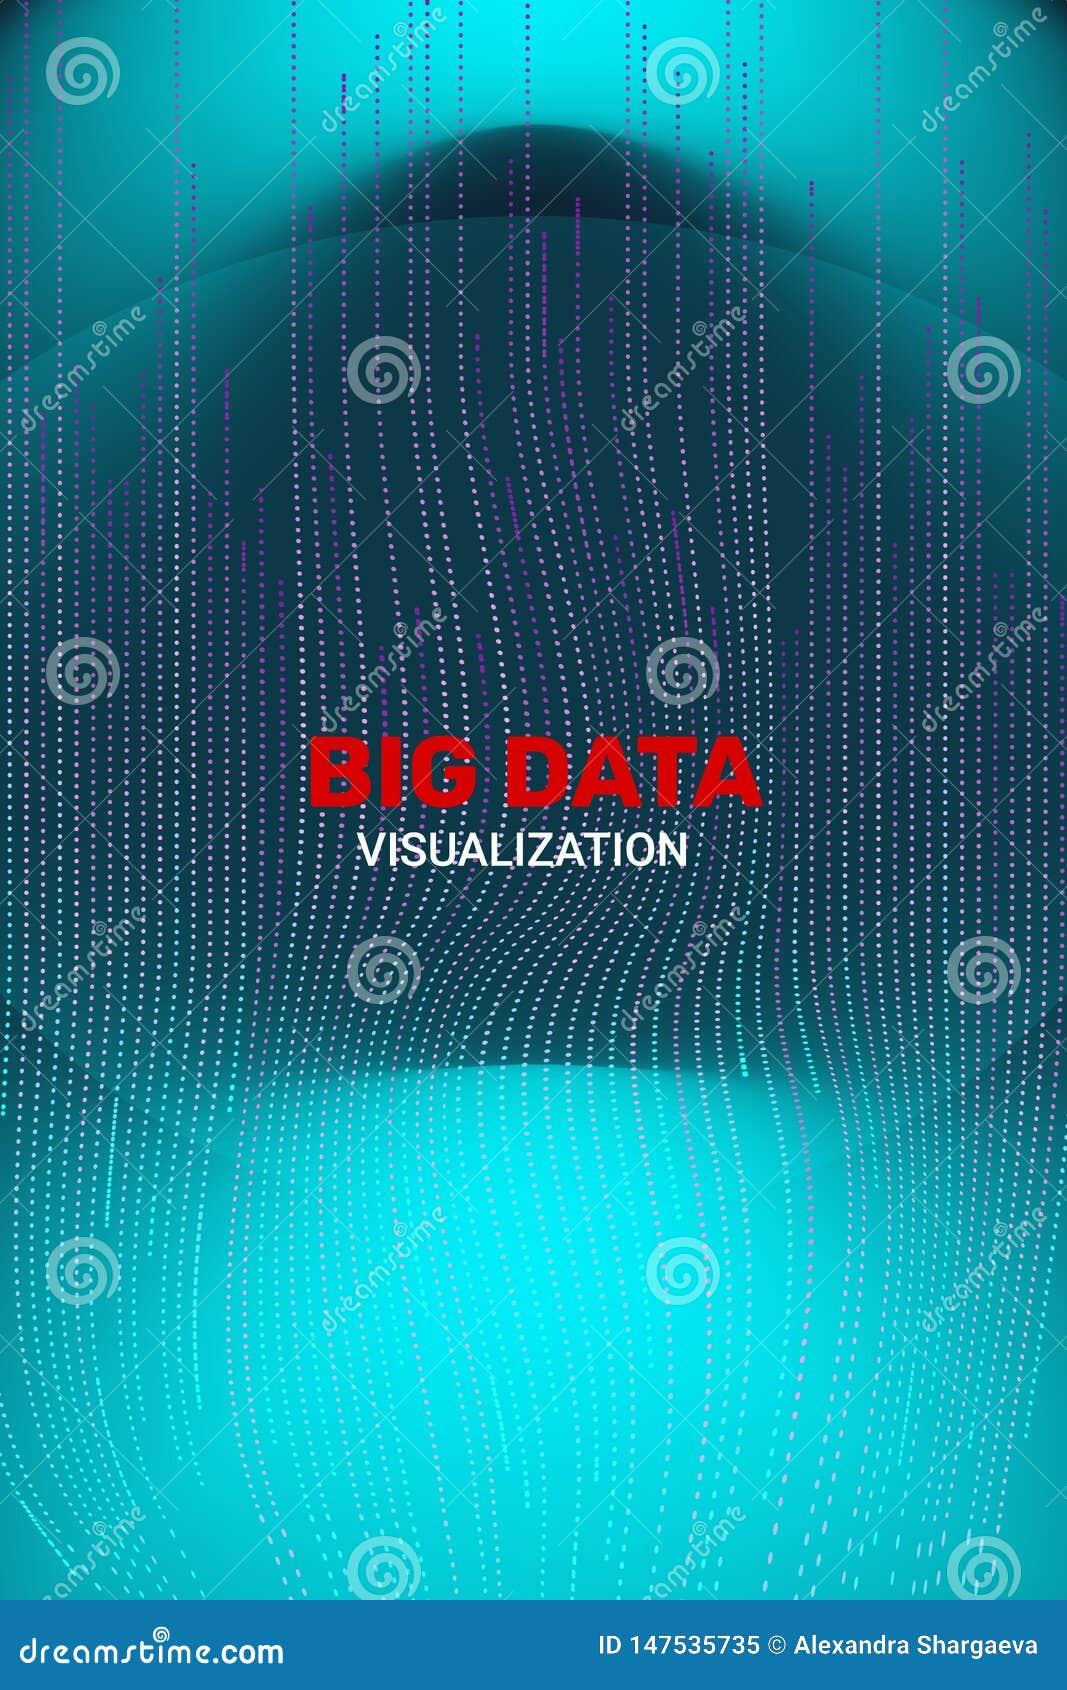 Visualizaci?n grande de los datos informaci?n futurista 3D